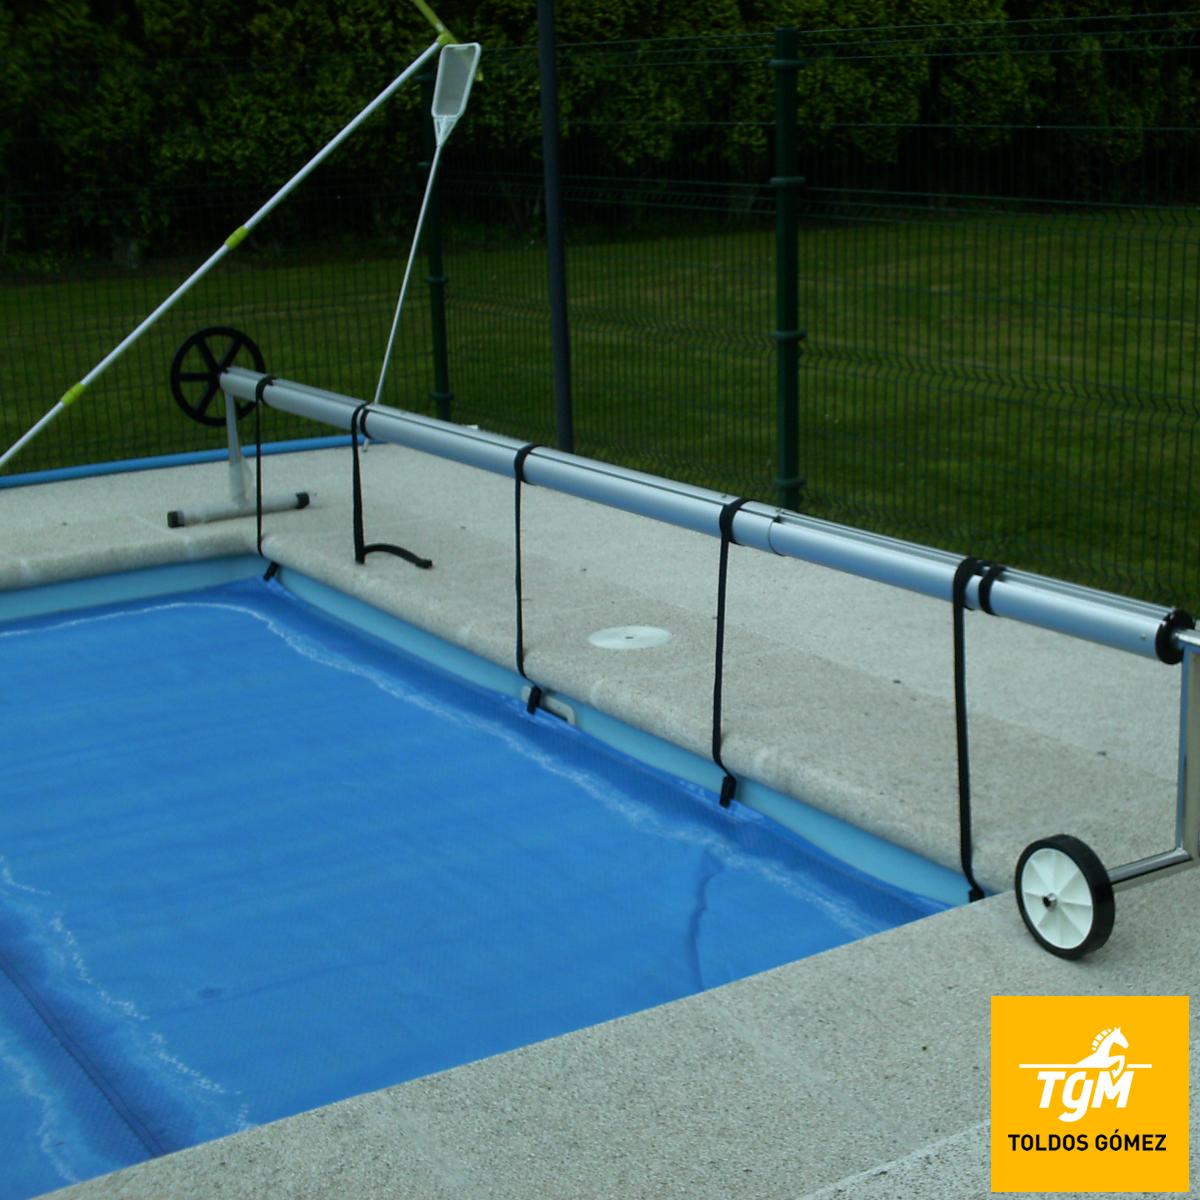 Cuanto vale una piscina cu nto sale construir una piscina for Cuanto sale hacer una piscina de cemento